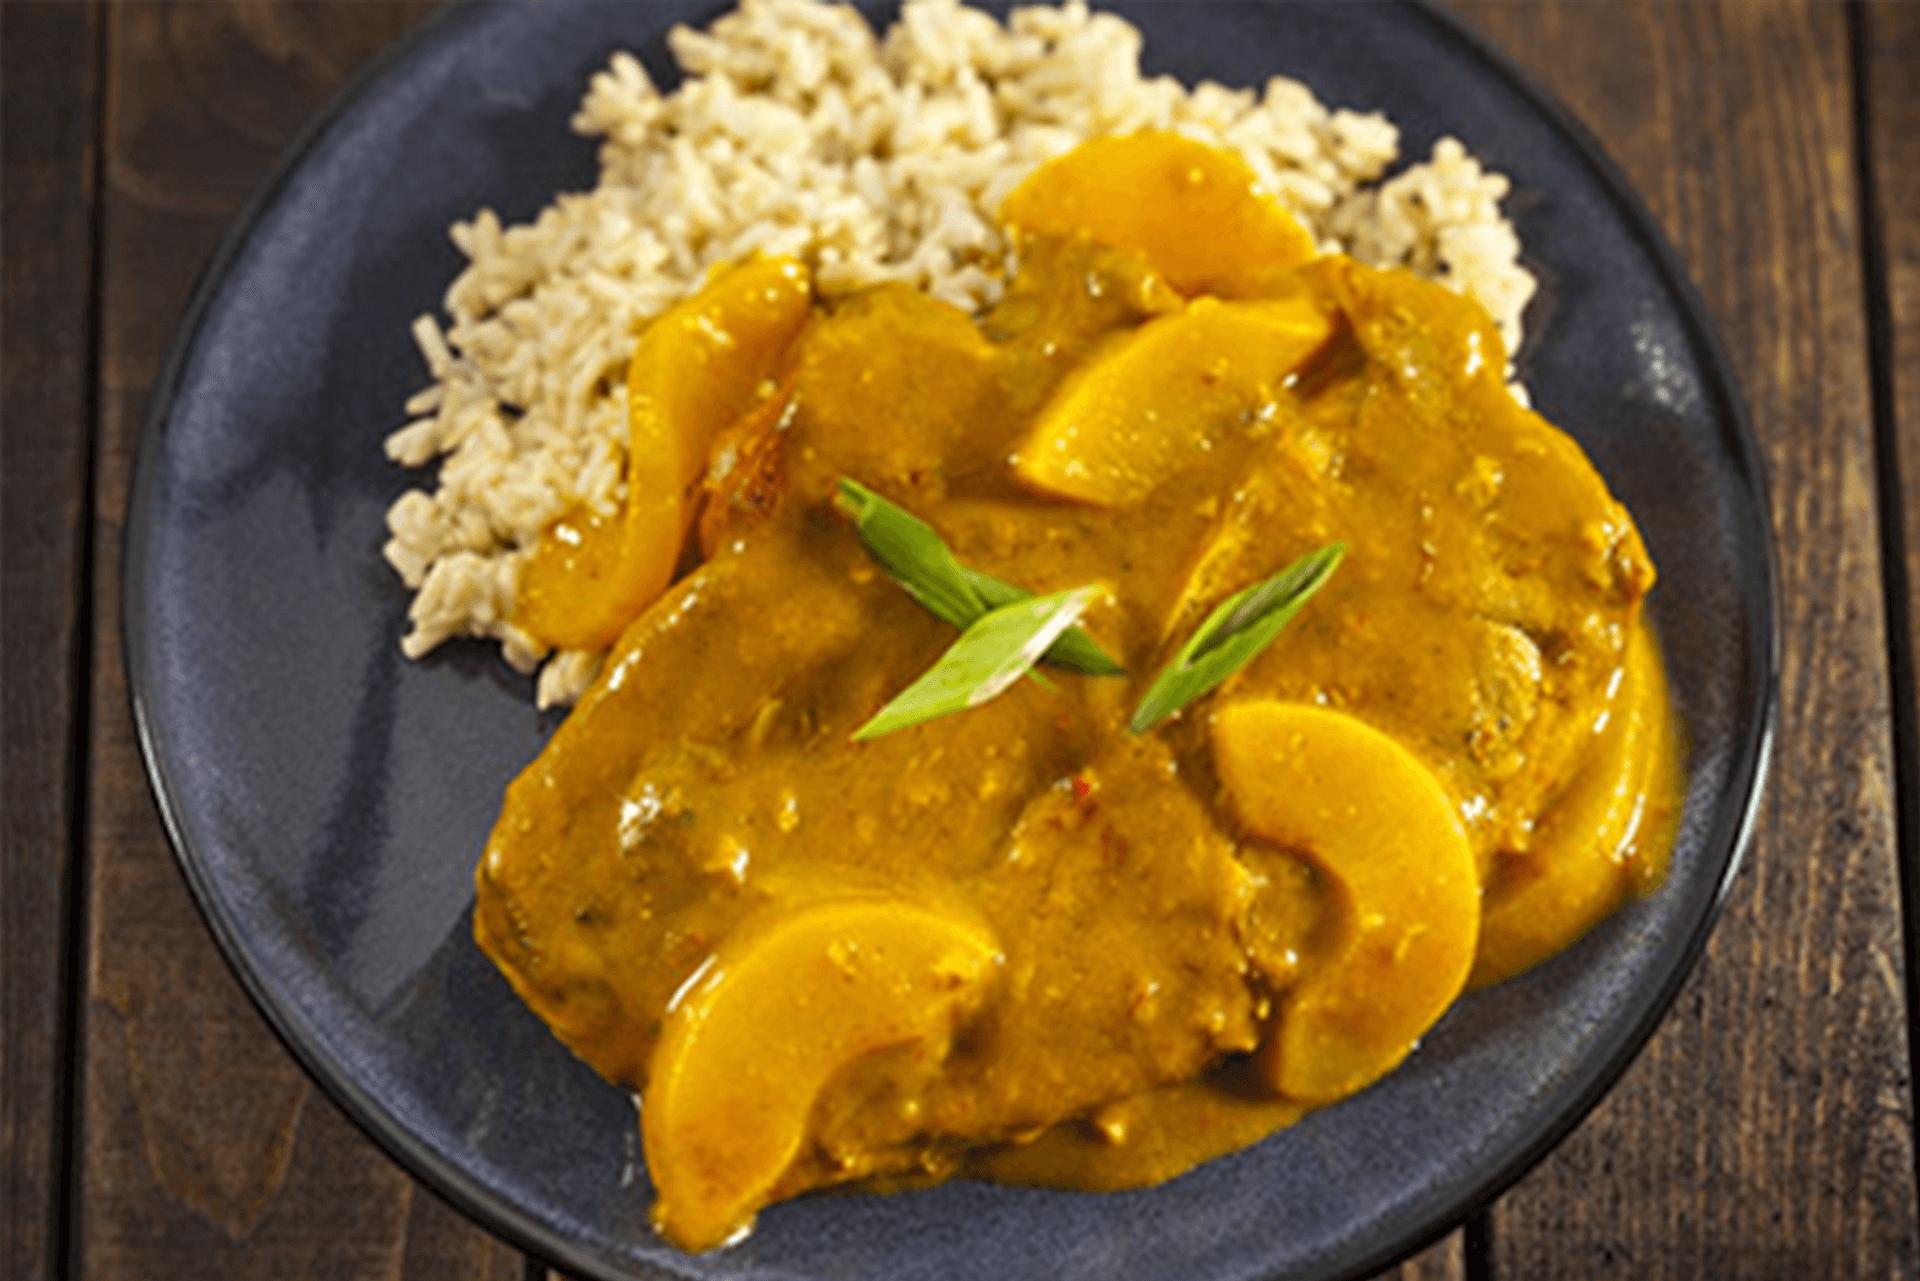 lamb shoulder chop curry recipe Taste of India Curry Lamb Shoulder Chops -